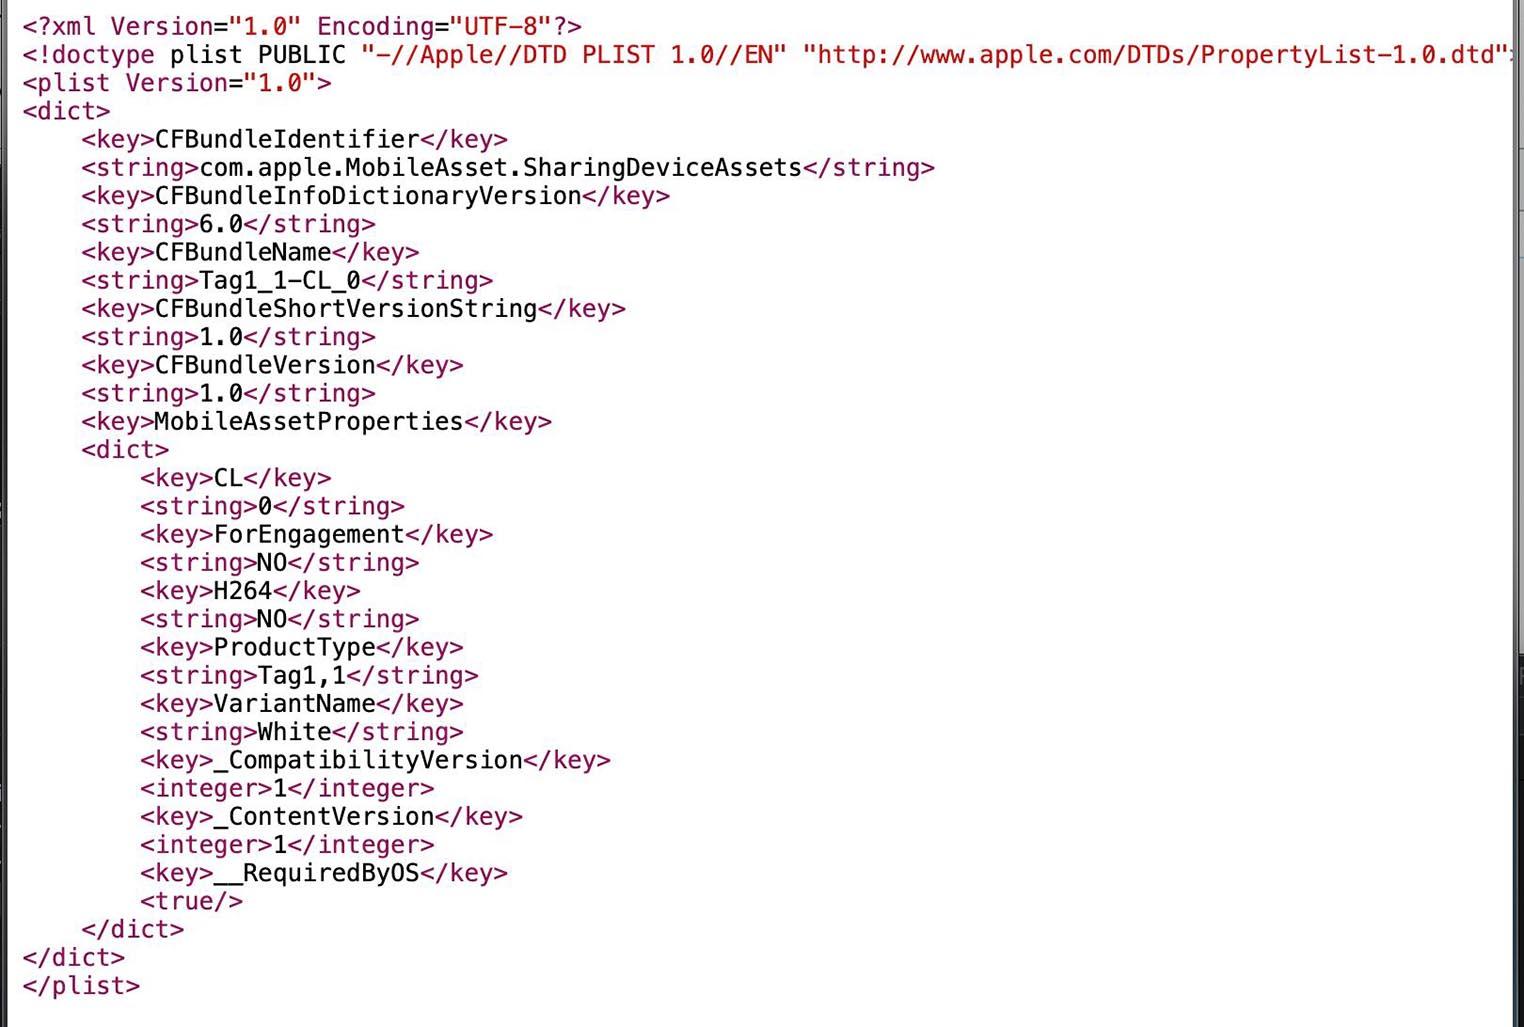 Apple Tag1,1 référence iOS 13